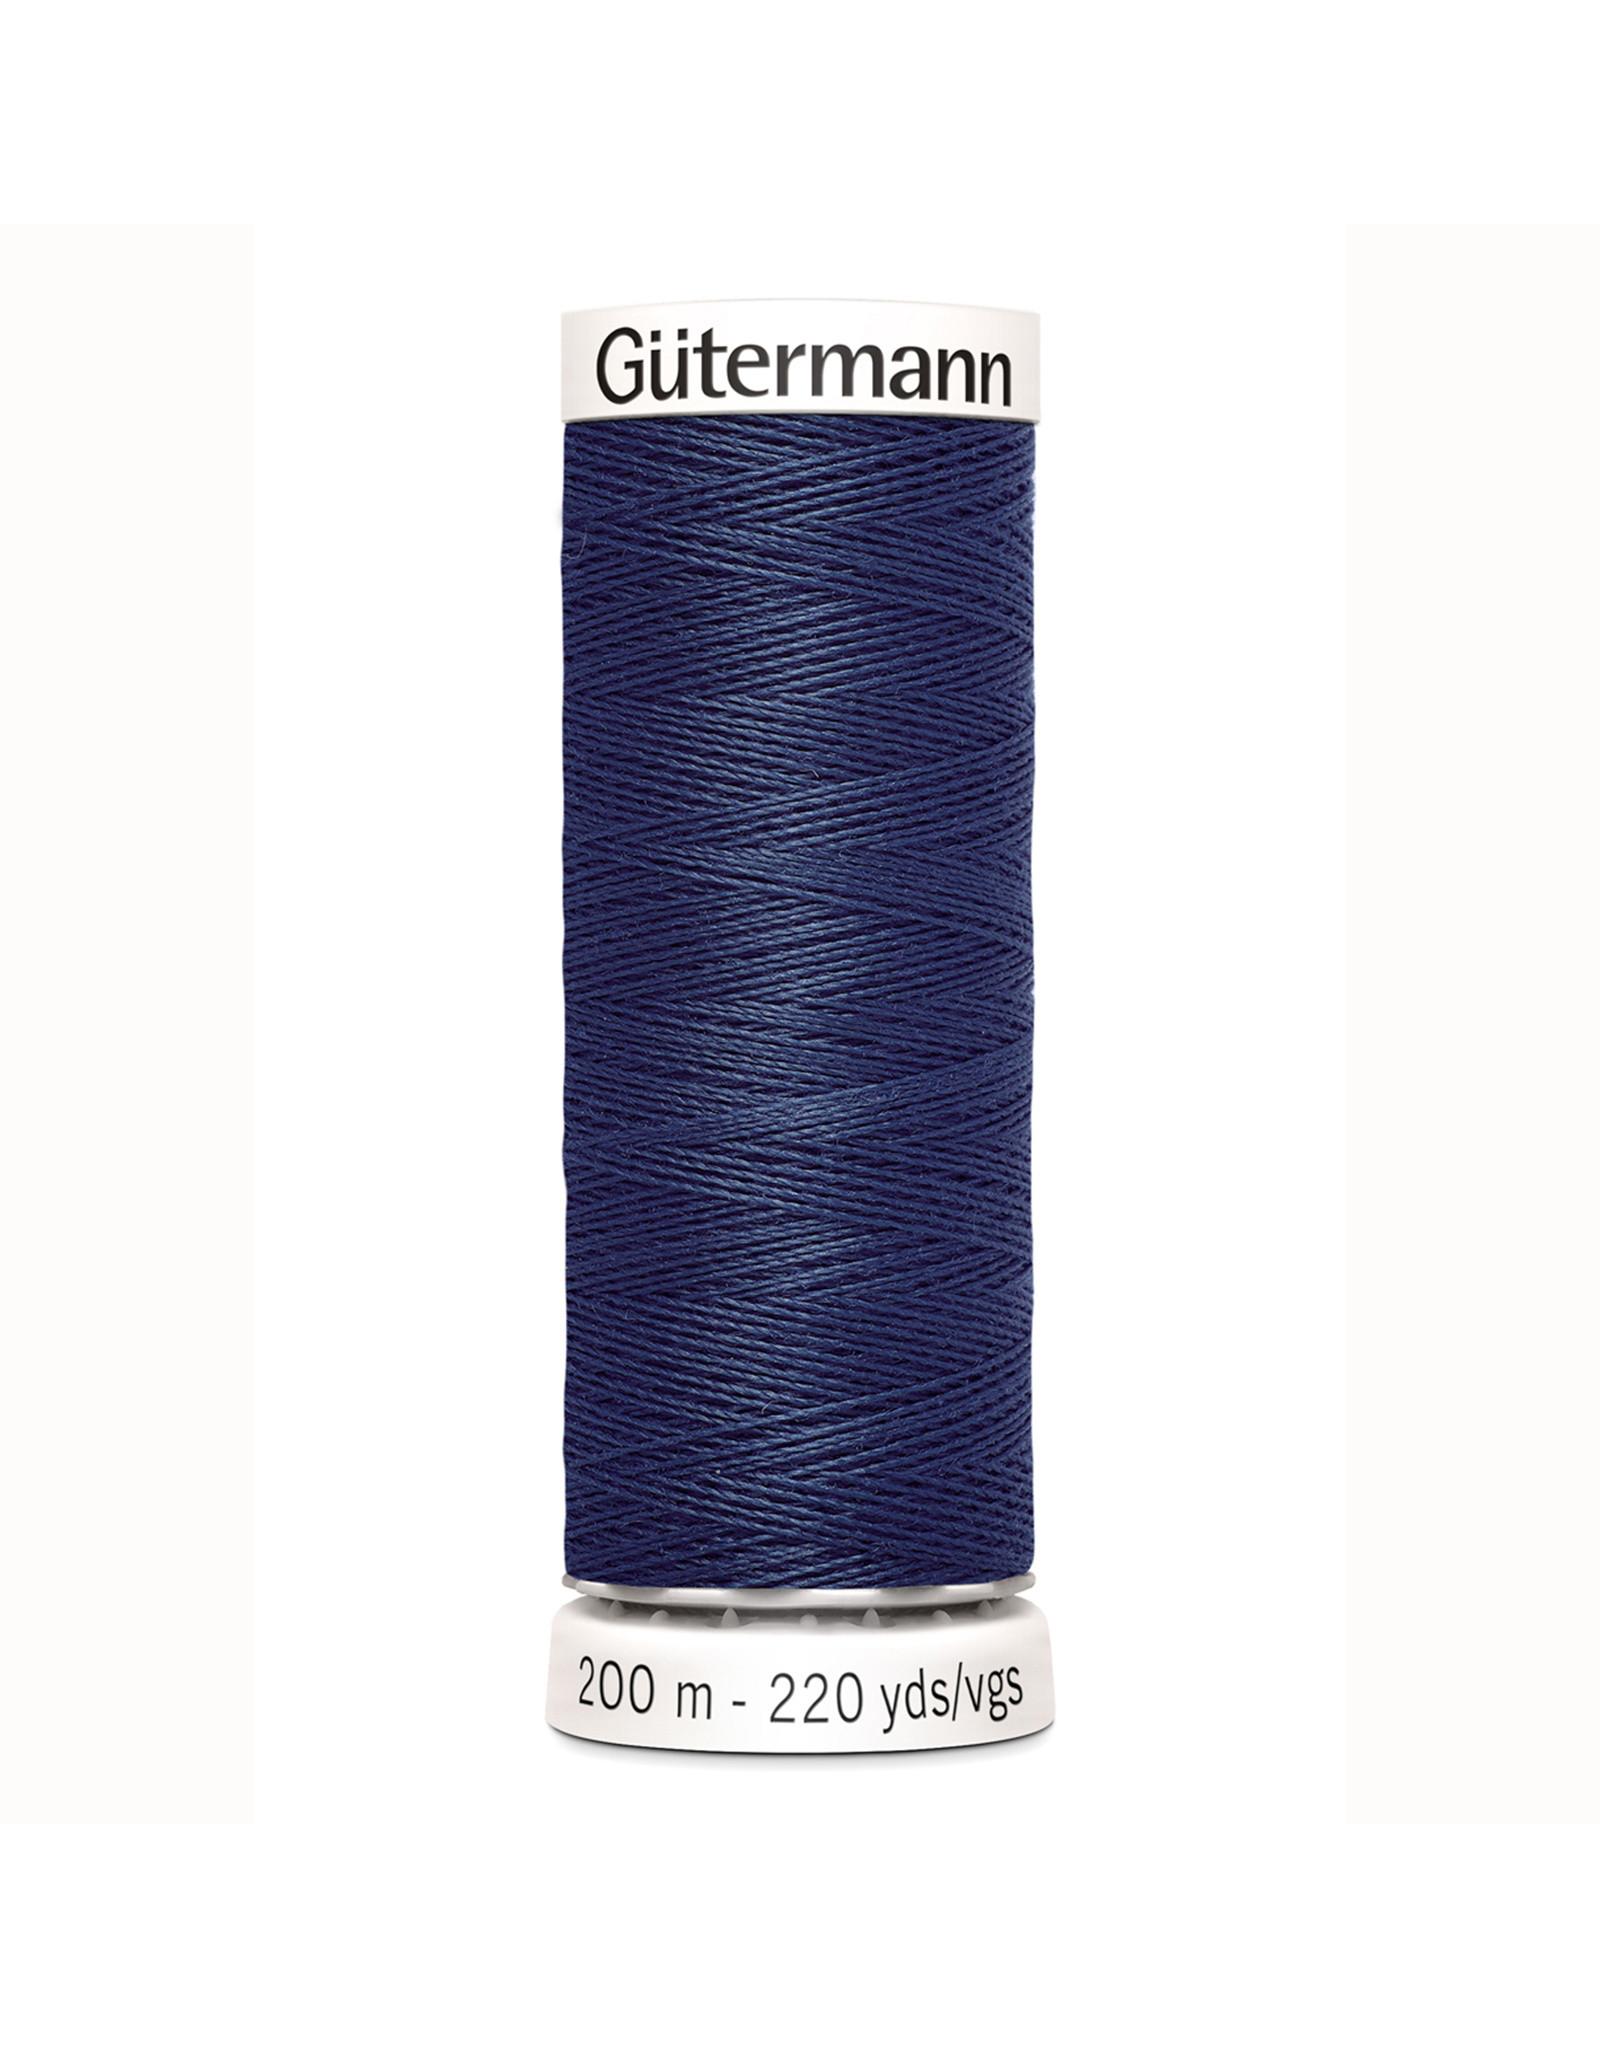 Gütermann Gütermann Sewing Thread 200 m - nr 537